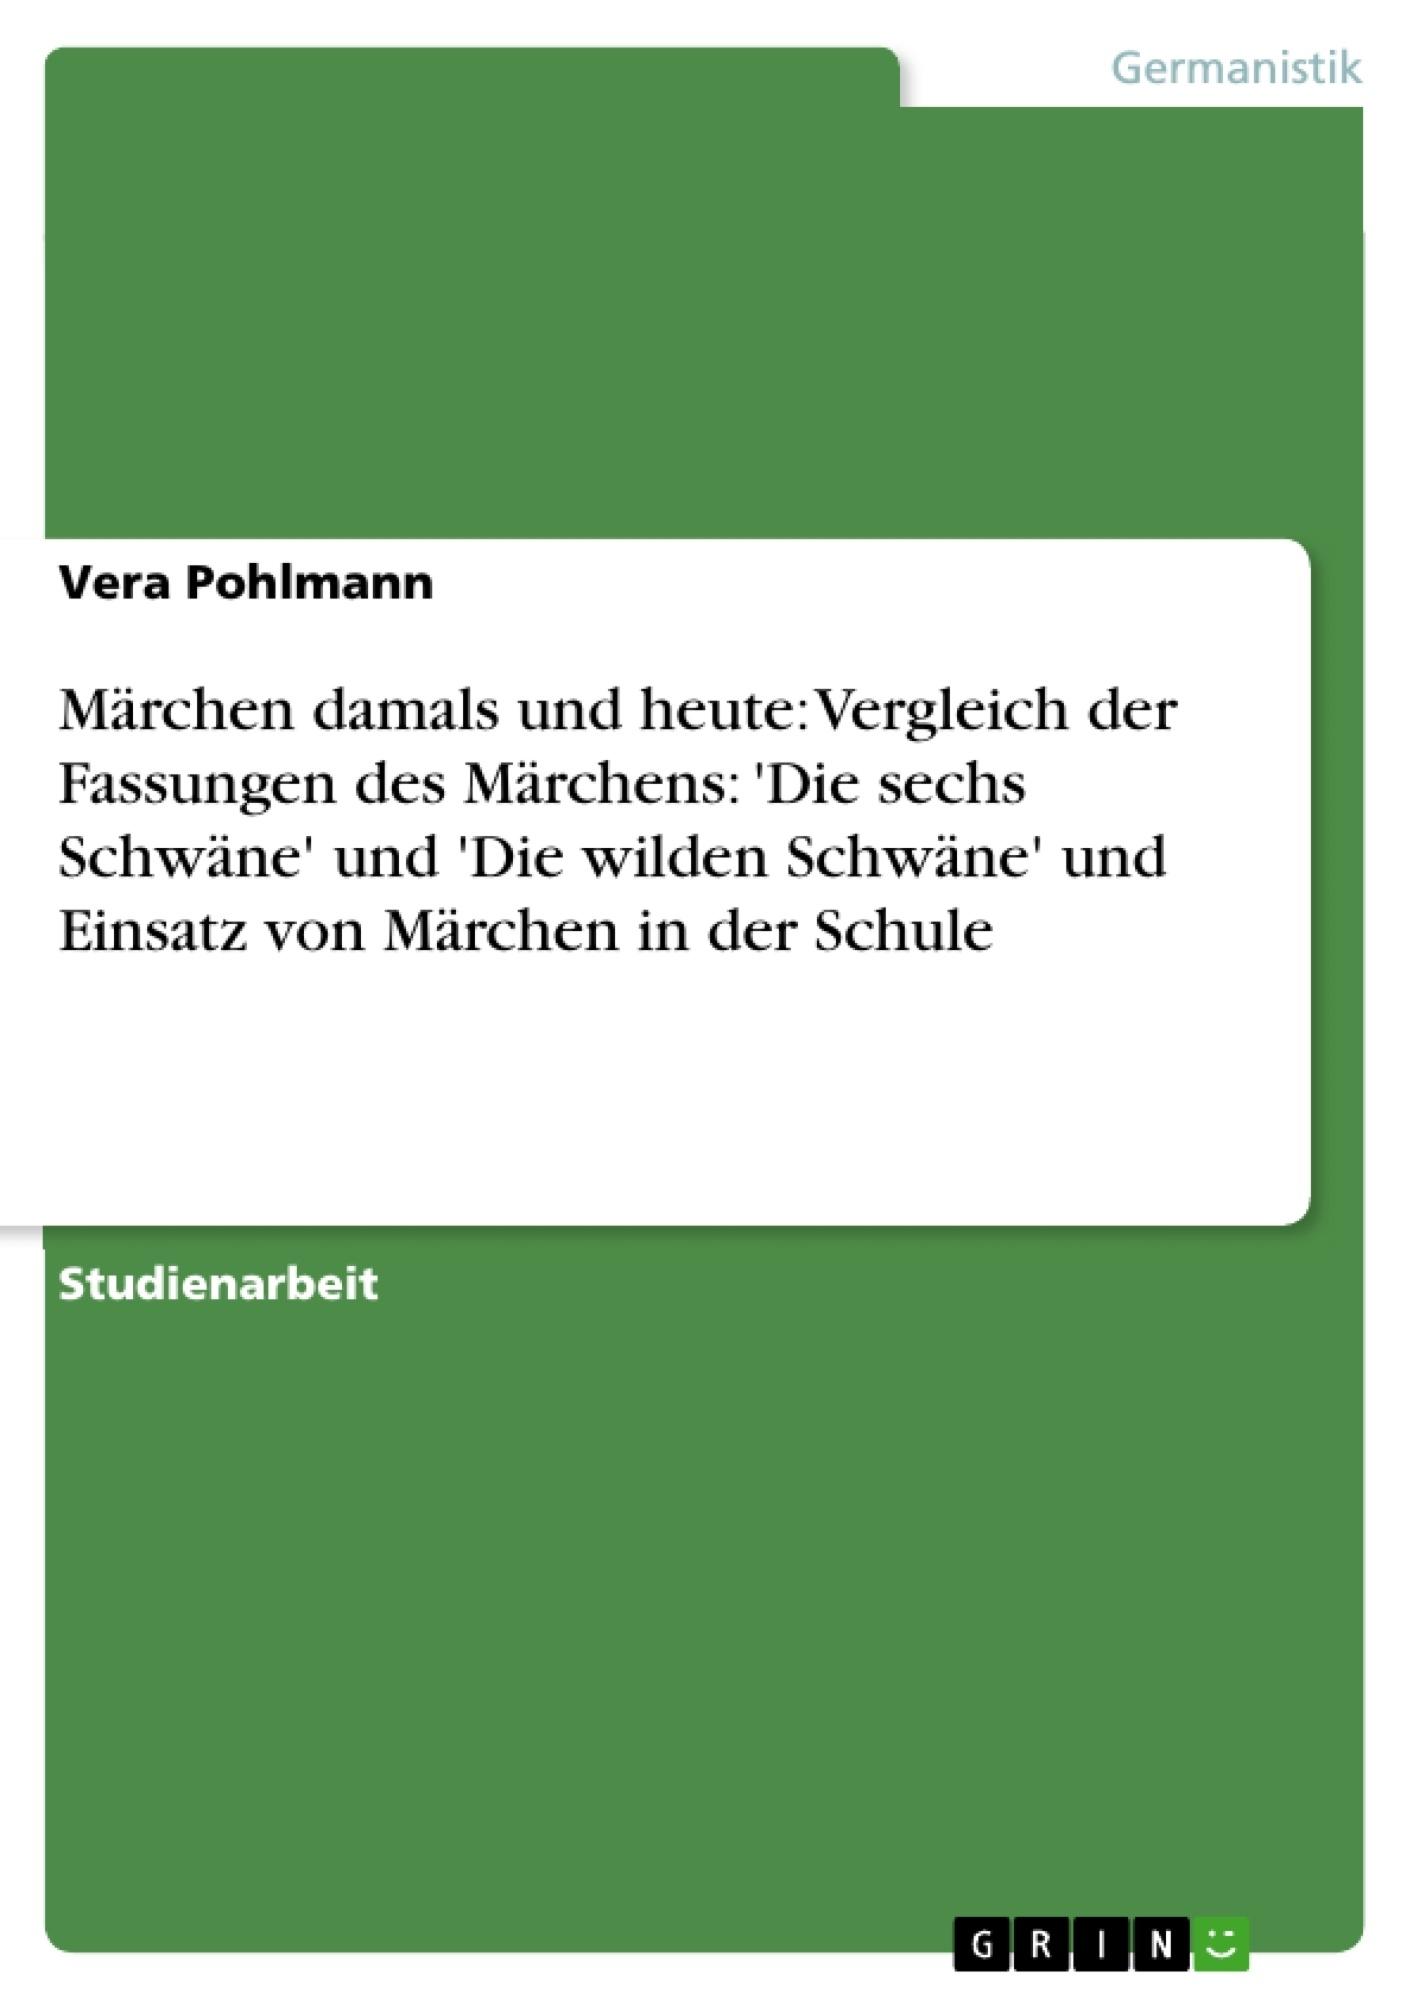 Titel: Märchen damals und heute: Vergleich der Fassungen des Märchens: 'Die sechs Schwäne' und 'Die wilden Schwäne' und Einsatz von Märchen in der Schule